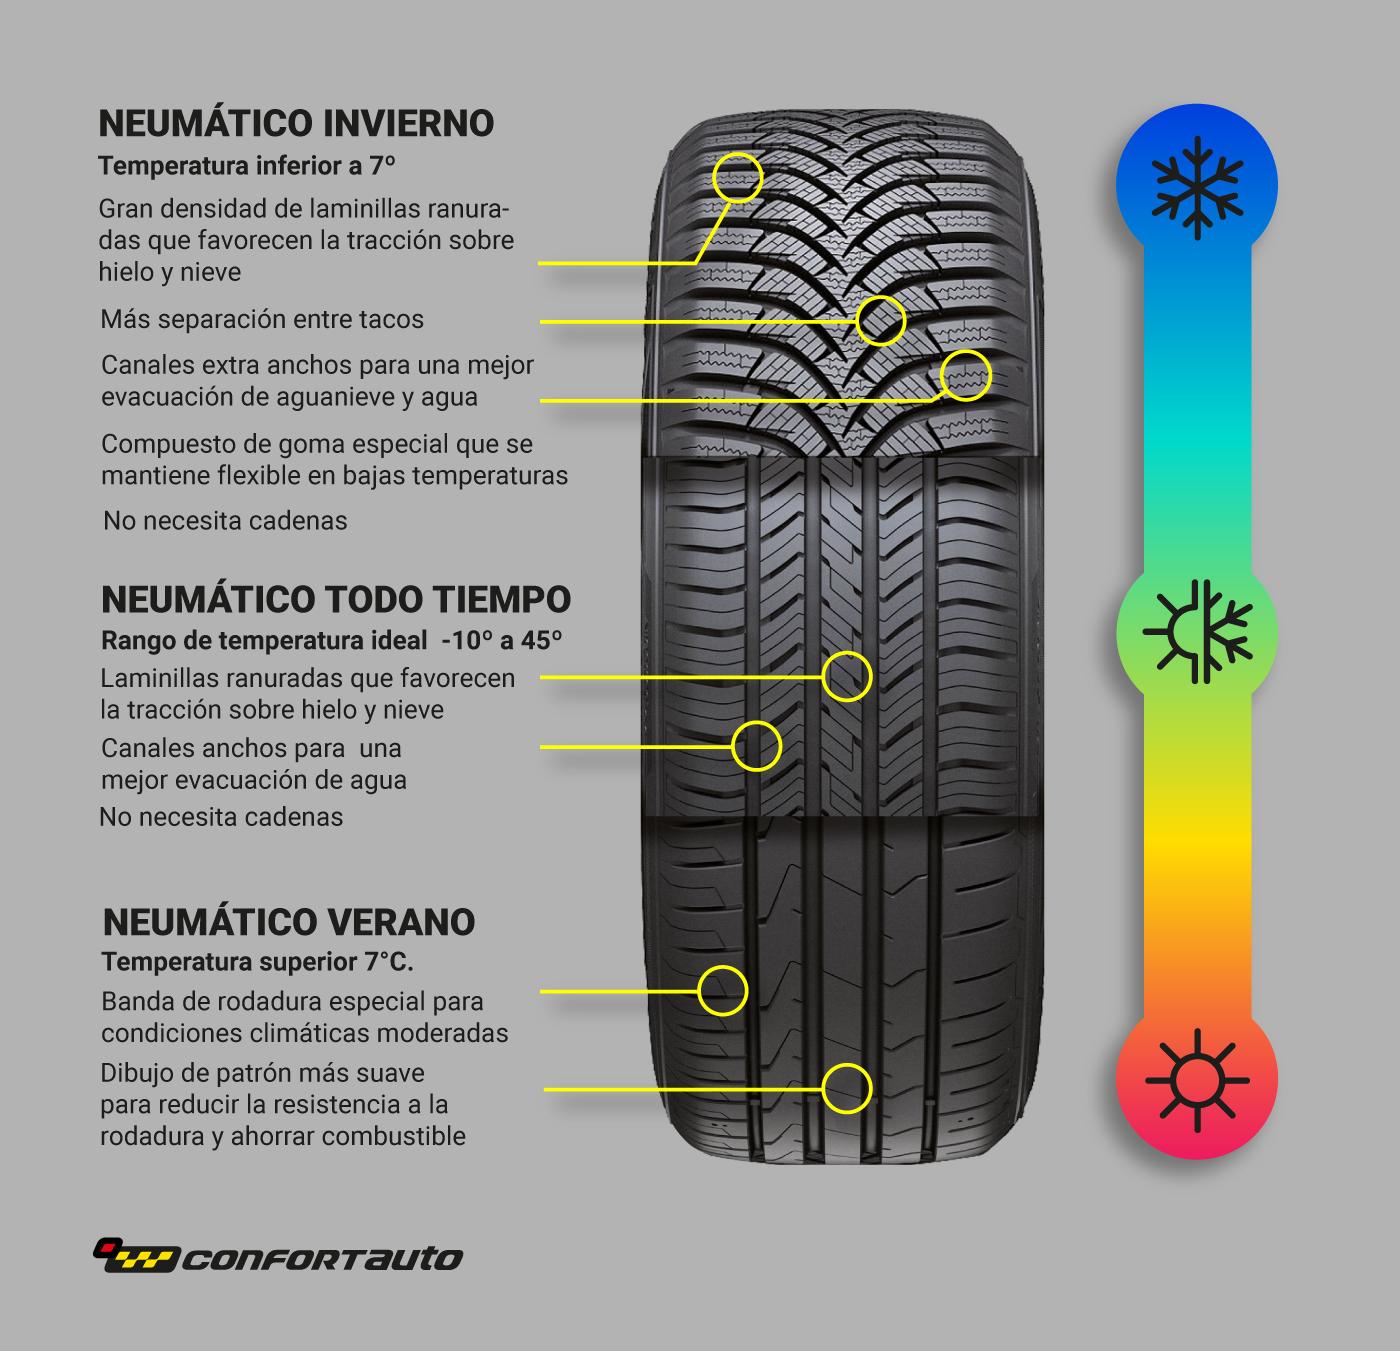 ¿Qué neumático elegir?